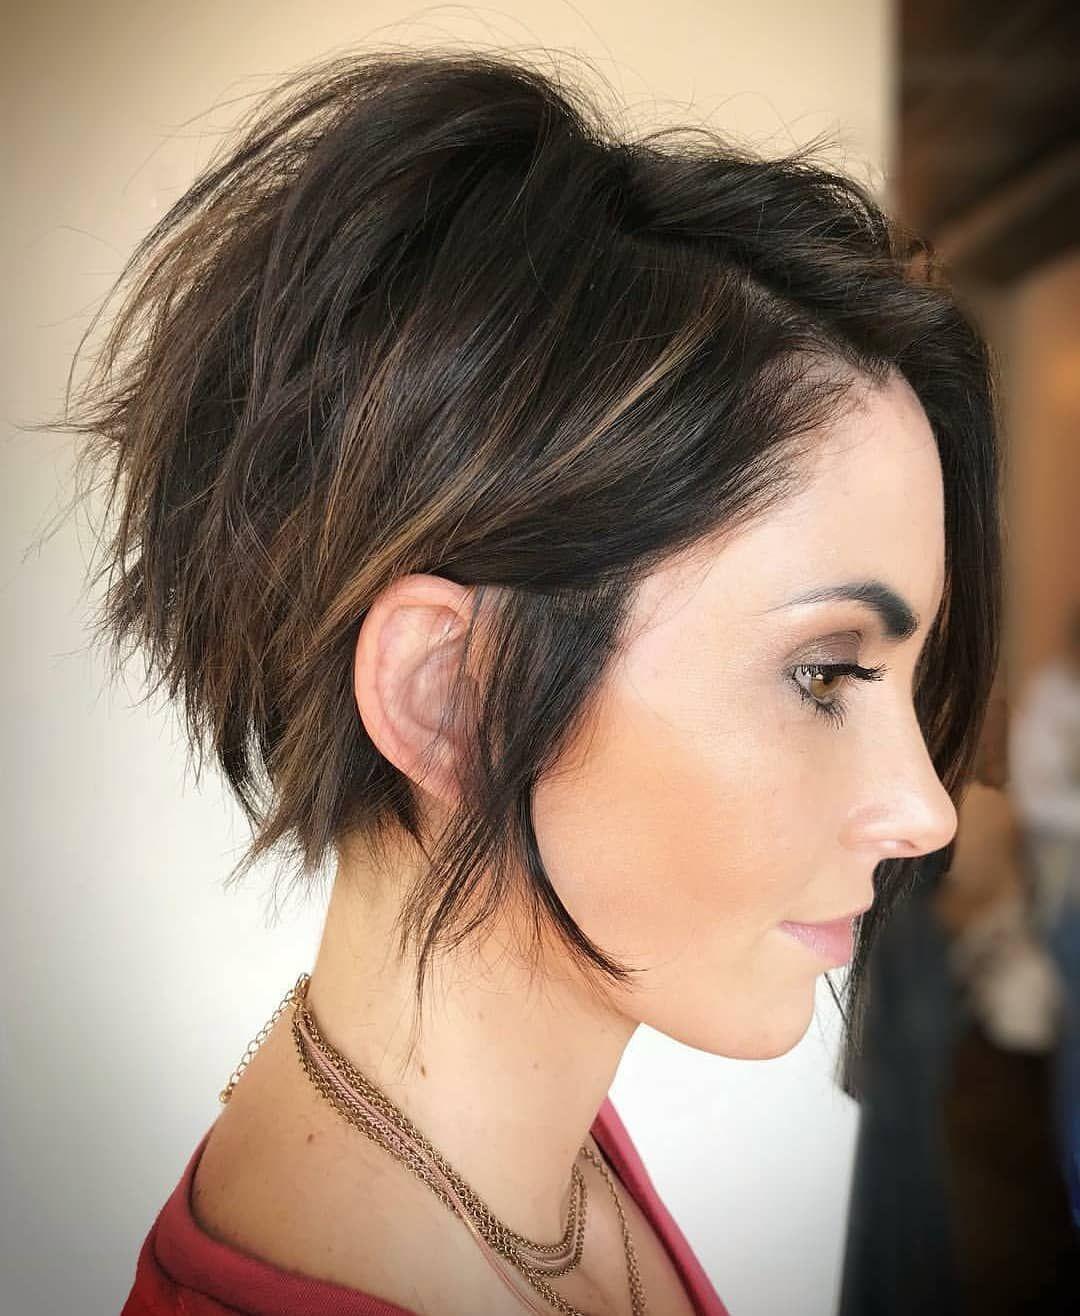 coiffures courtes et courtes 2018 coupes de cheveux courts tendances coupe short hair with. Black Bedroom Furniture Sets. Home Design Ideas